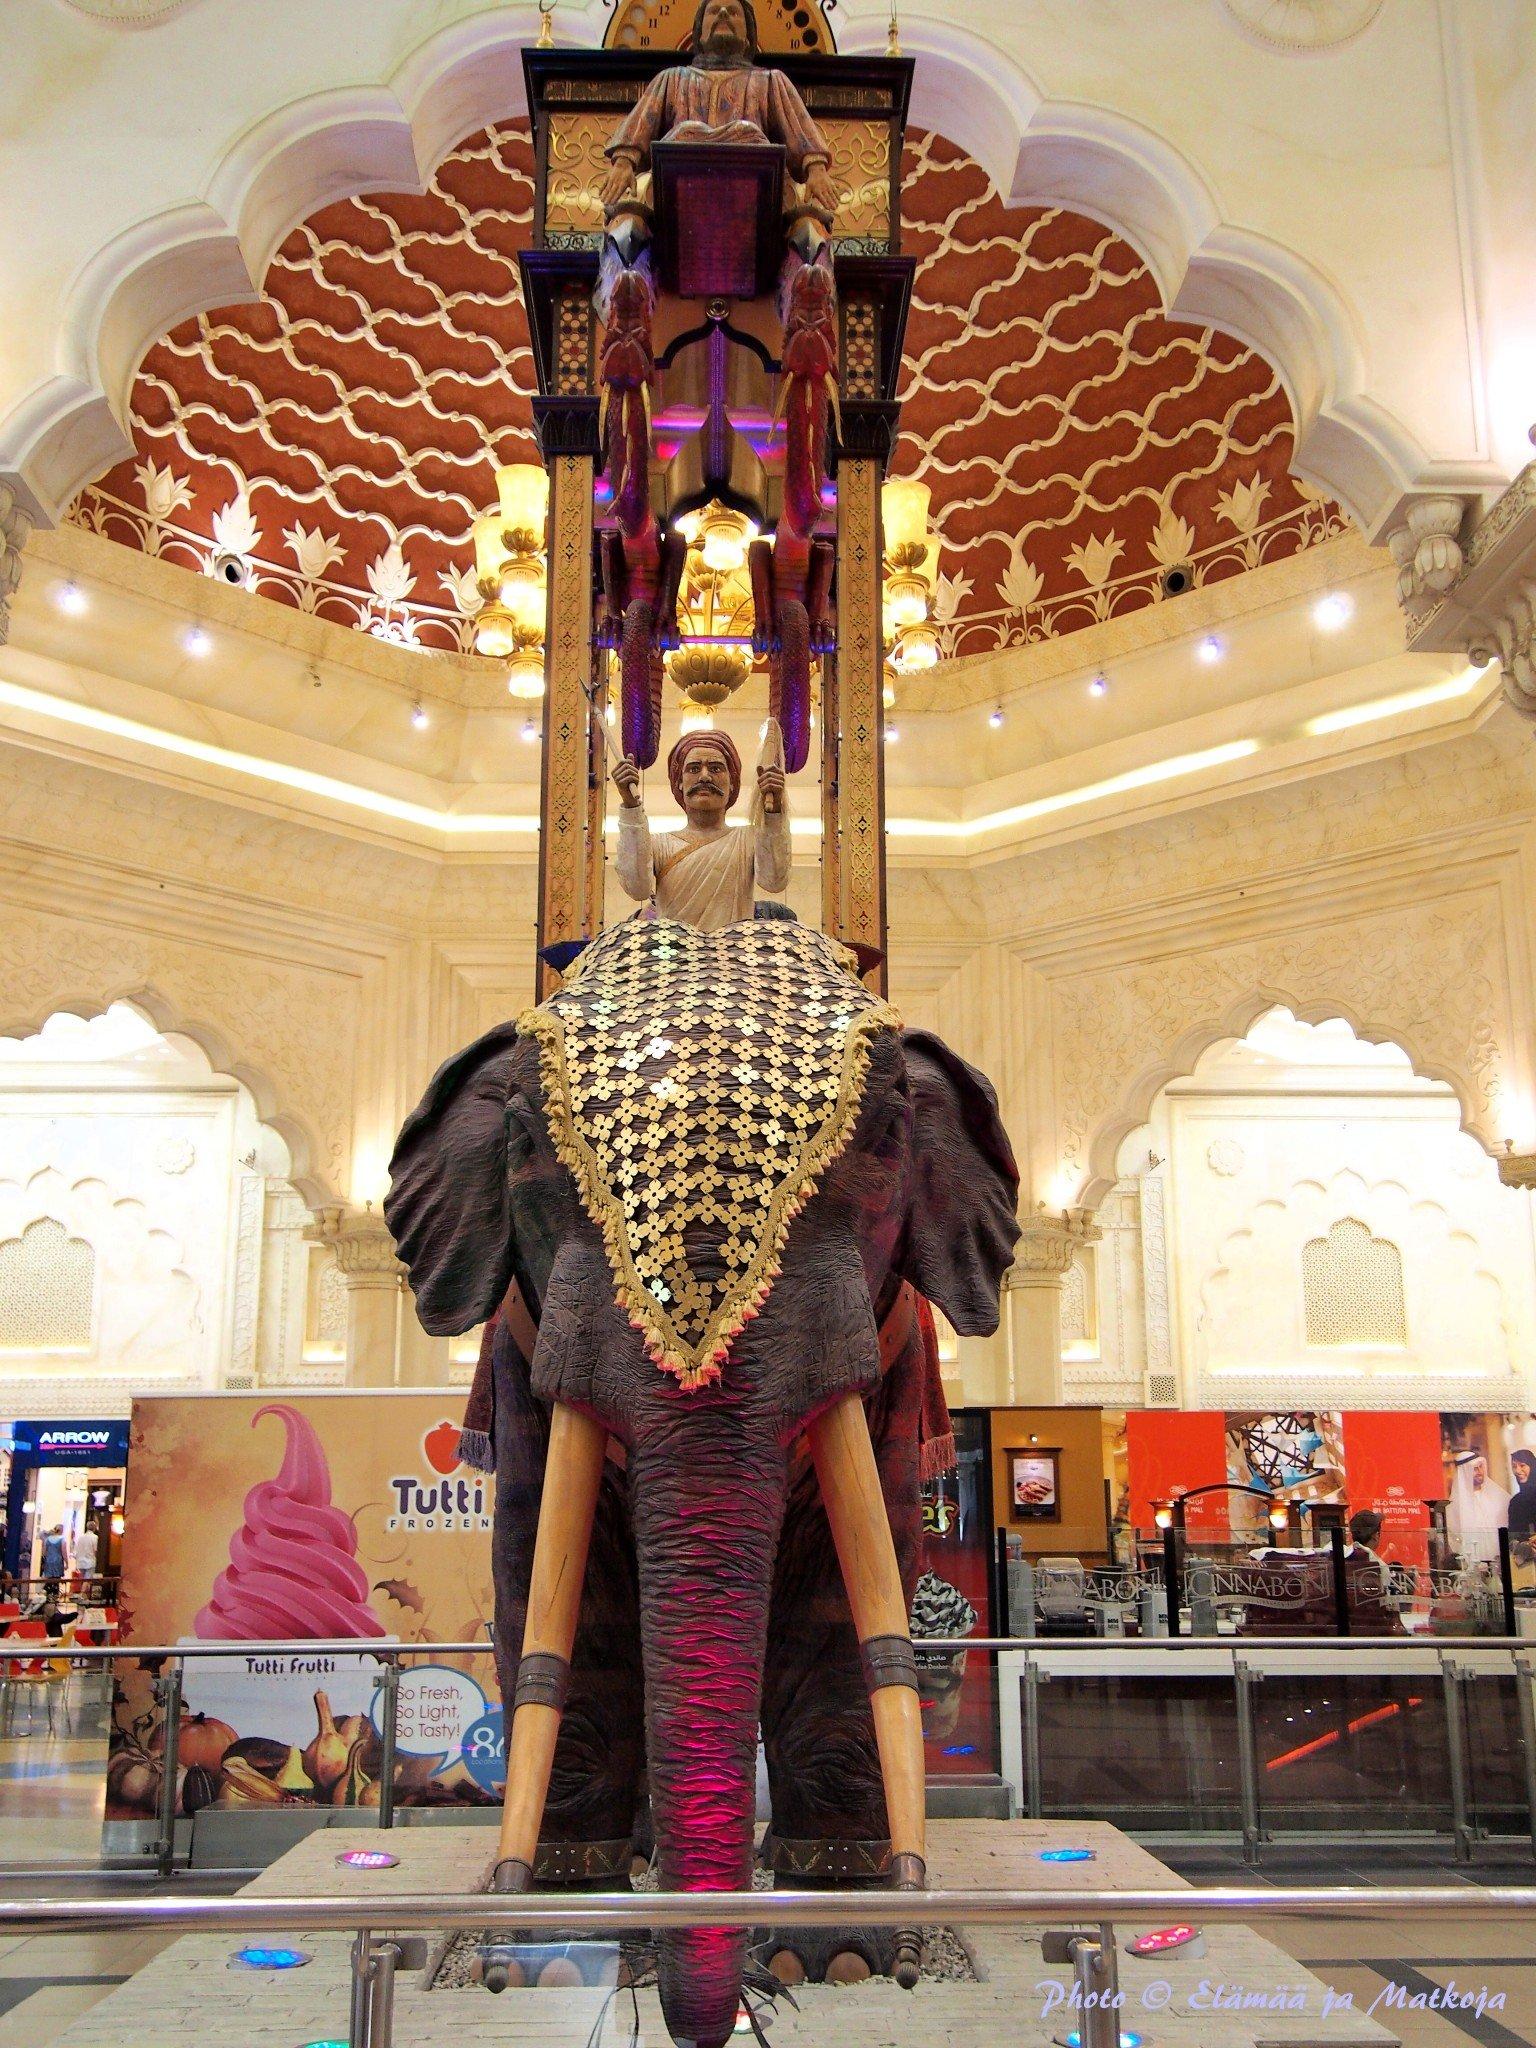 Ibn Battuta Mall Dubai 3 Photo © Elämää ja Matkoja